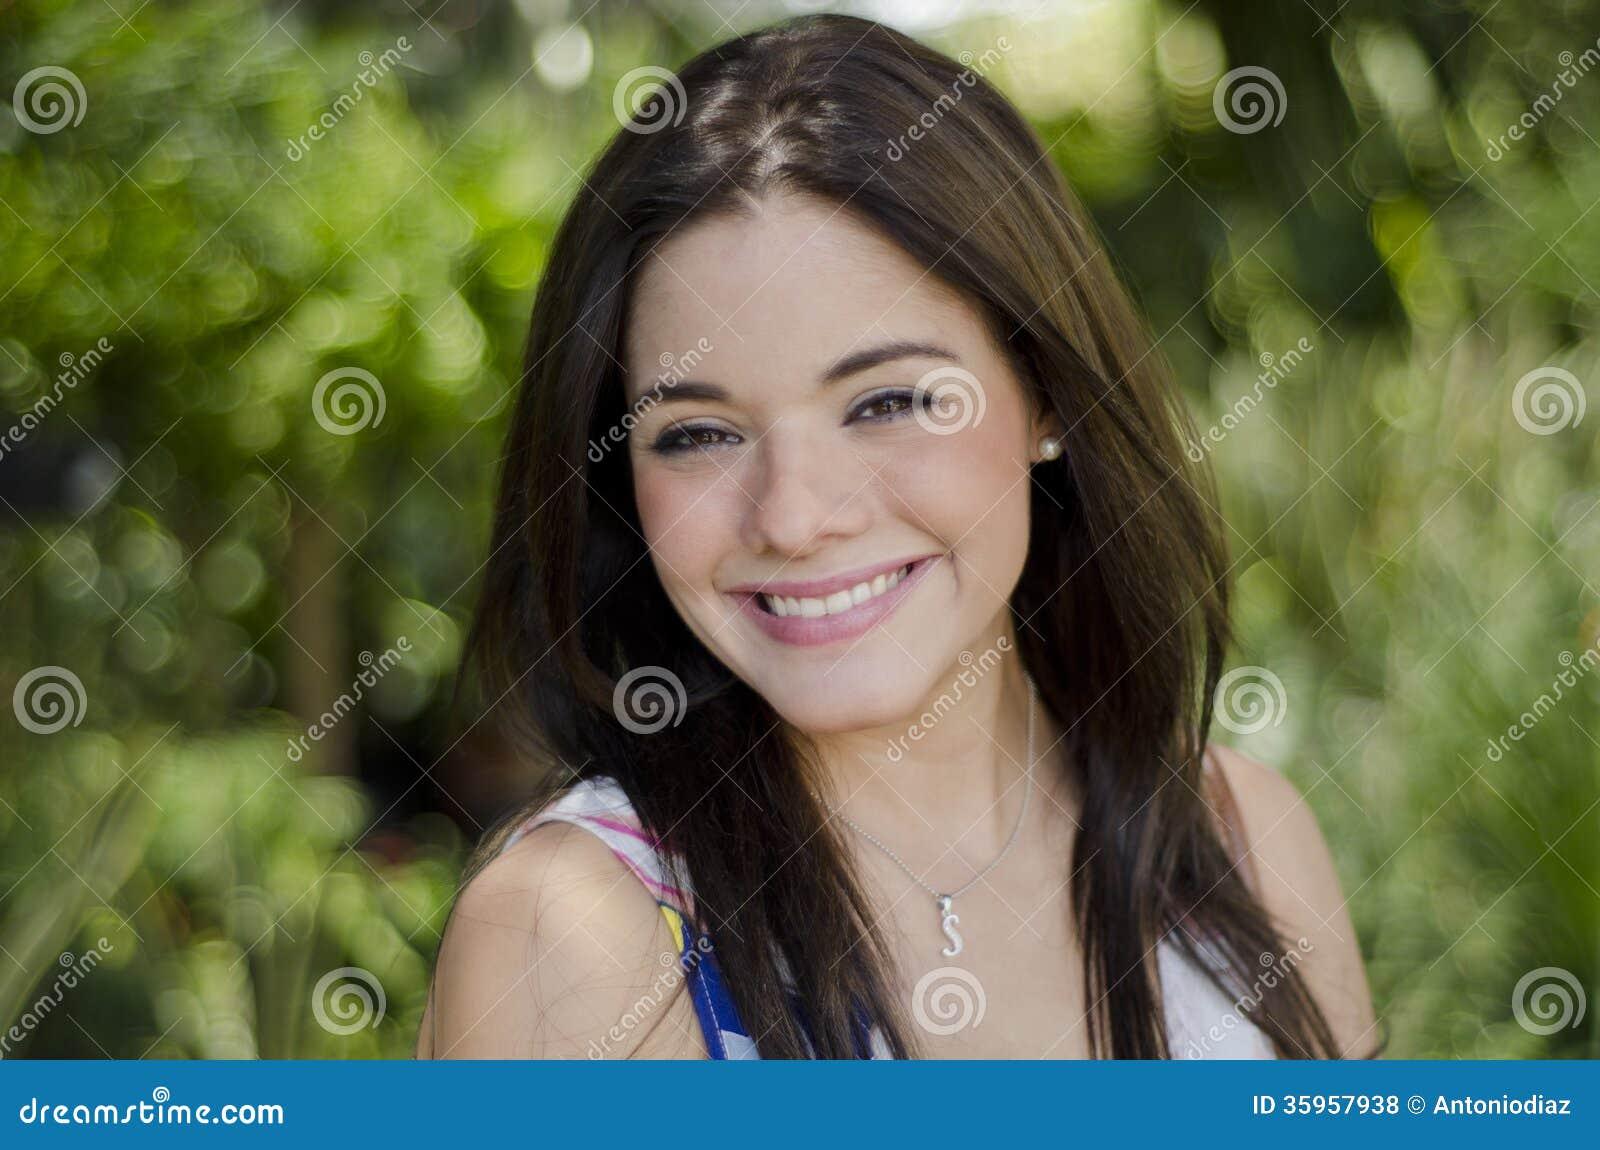 Sonrisa linda de la muchacha